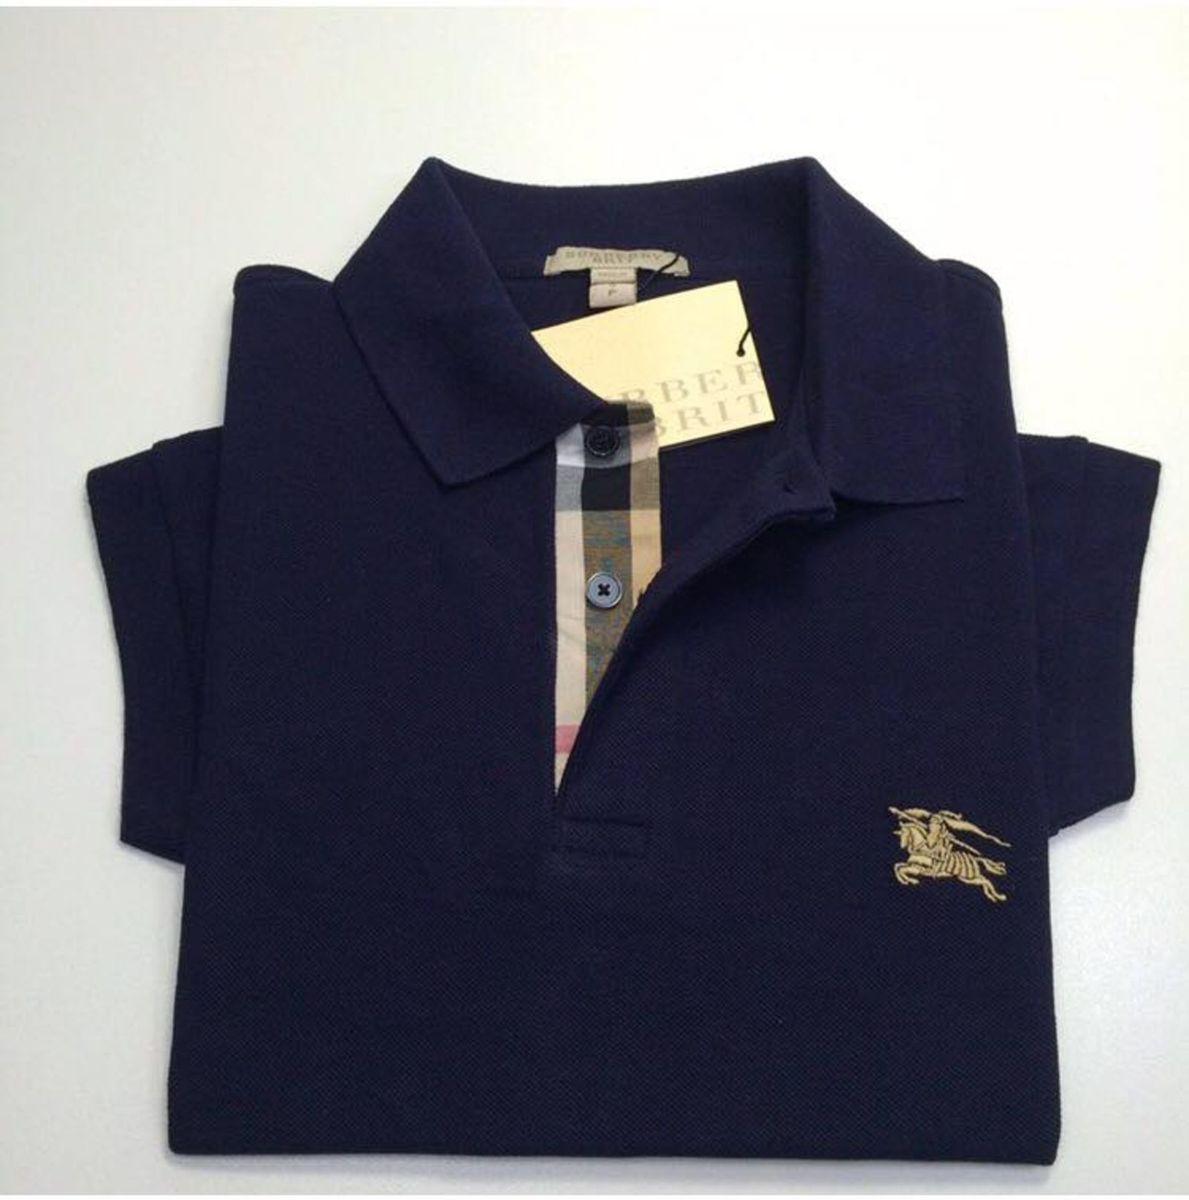 ac5ba03905 camiseta polo burberry brit tamanho g - camisetas burberry